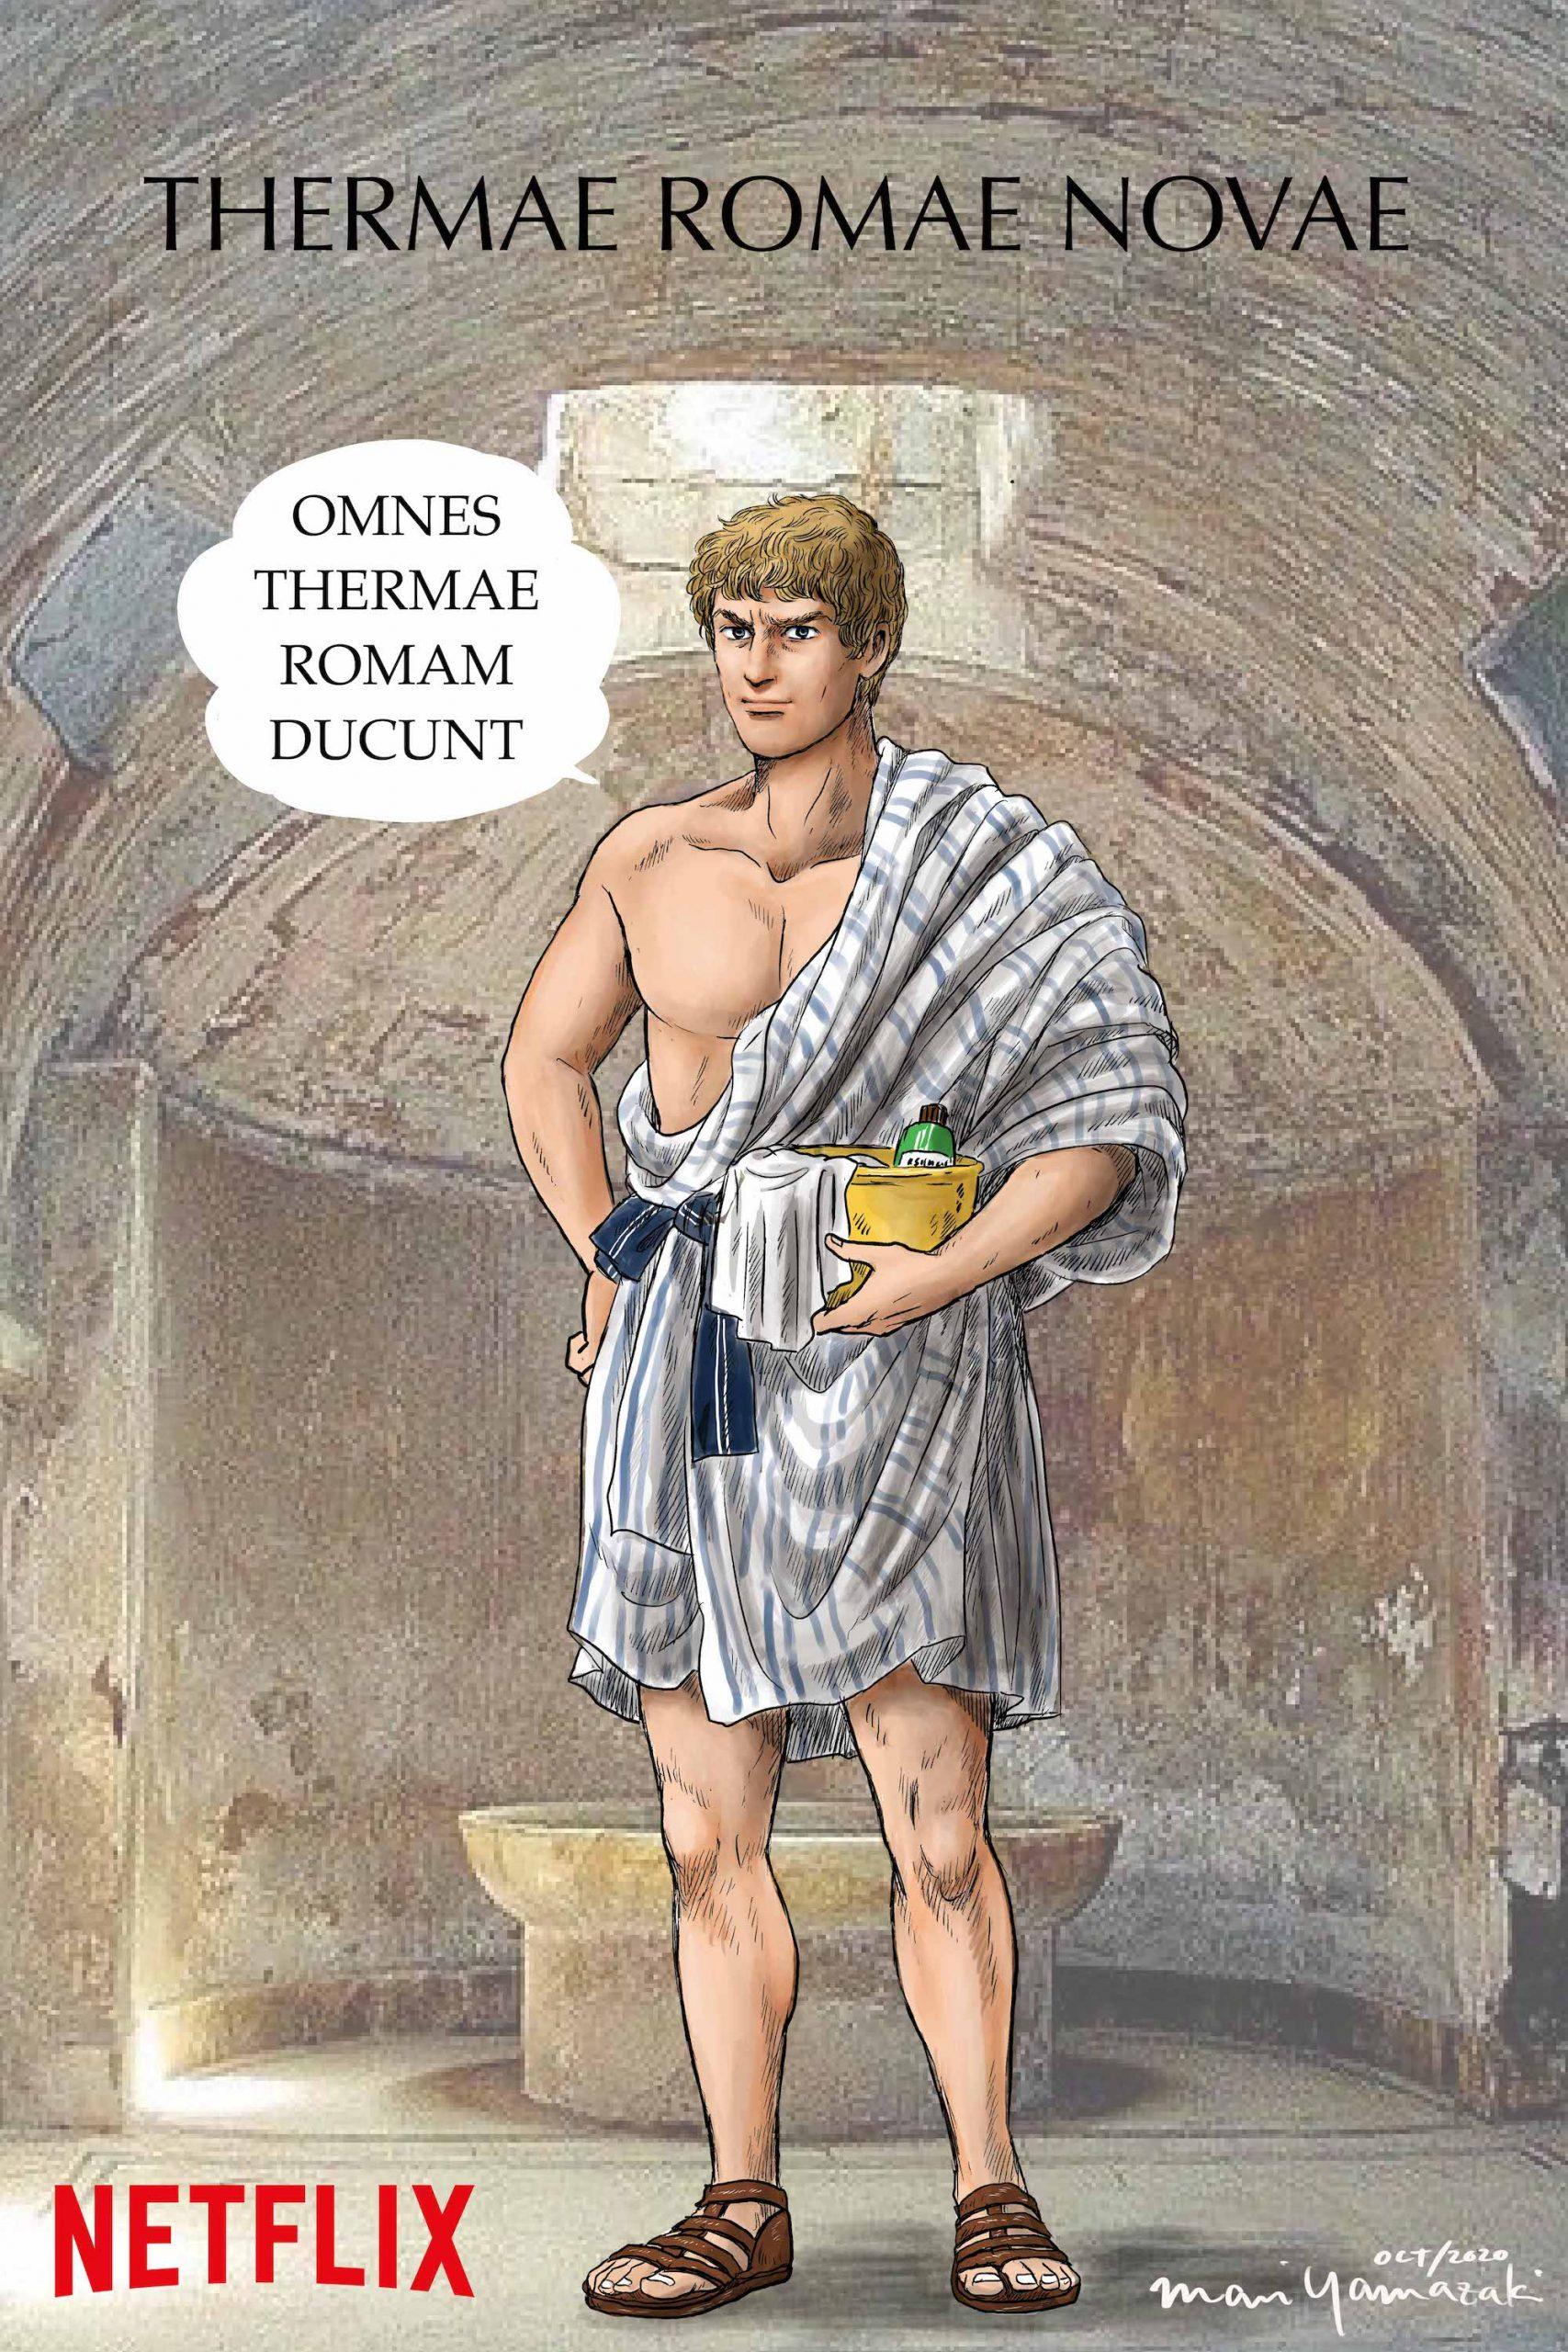 Imagen promocional de Thermae Romae Novae con el protagonista parado de frente, sosteniendo un robot con productos para bañarse y al fondo un baño romano.